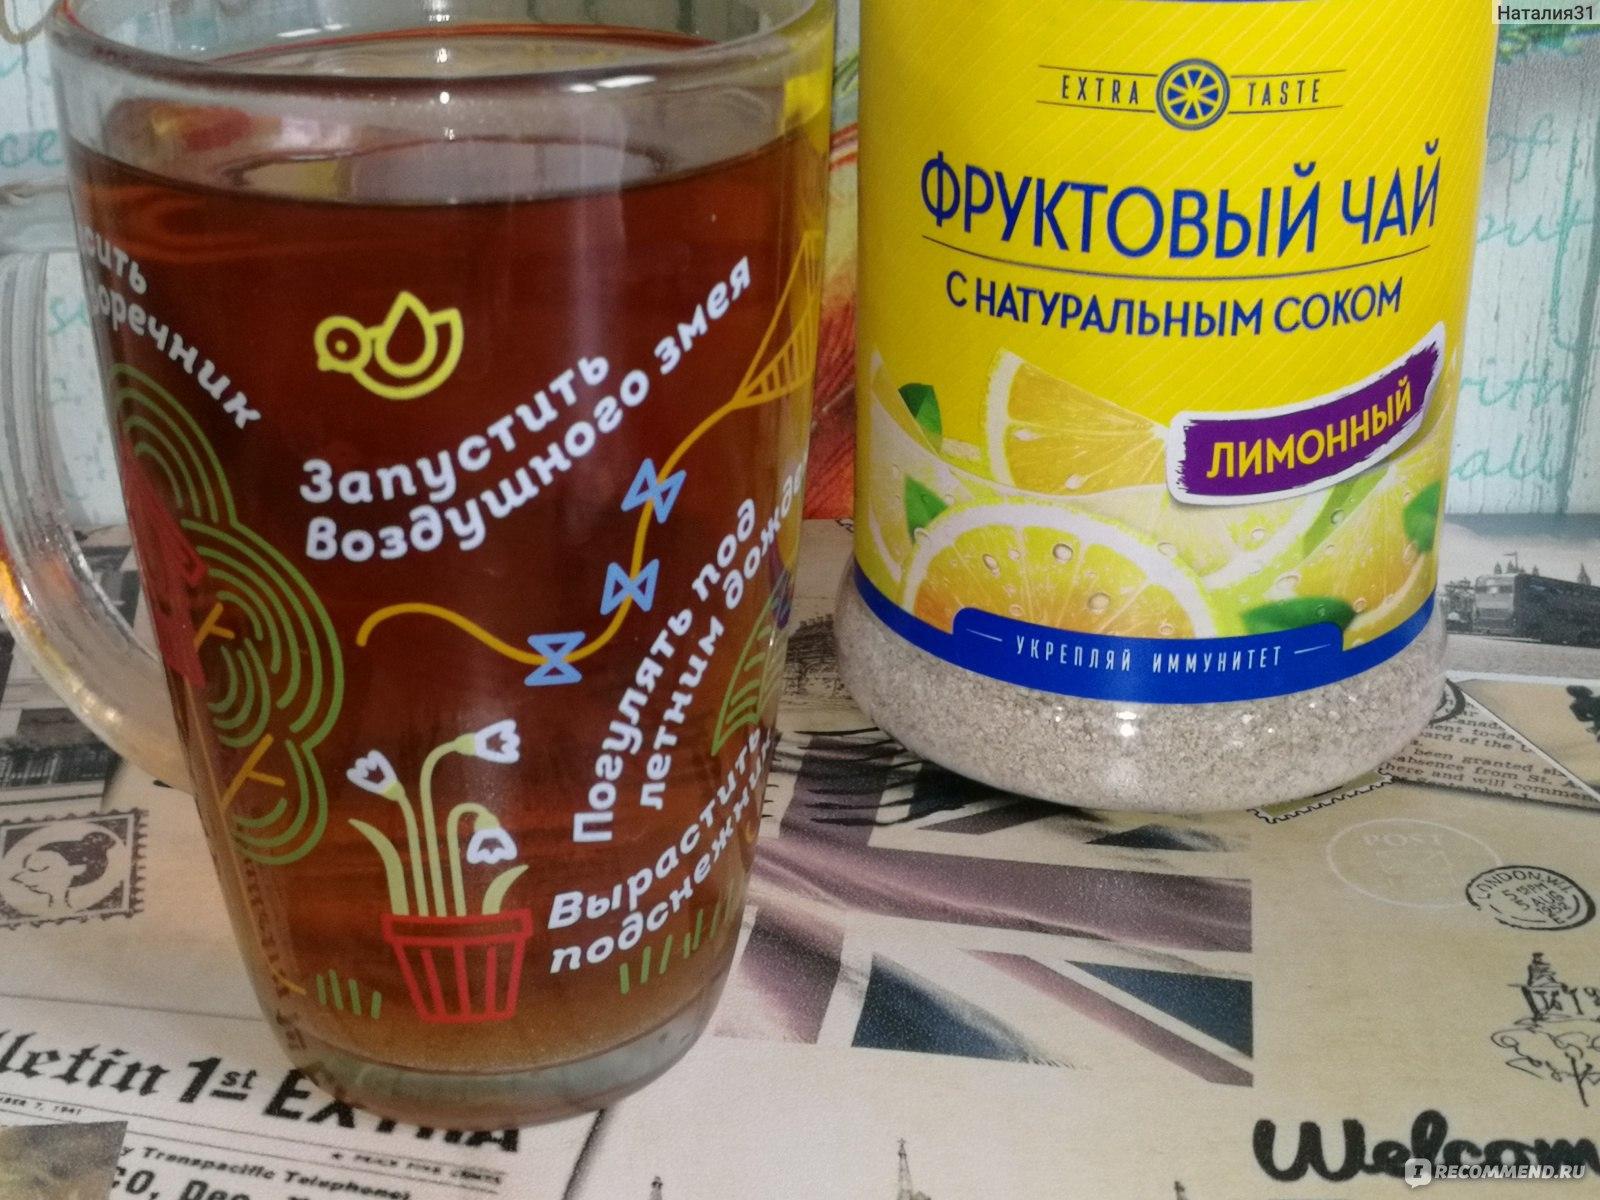 фруктовый чай гранулированный растворимый